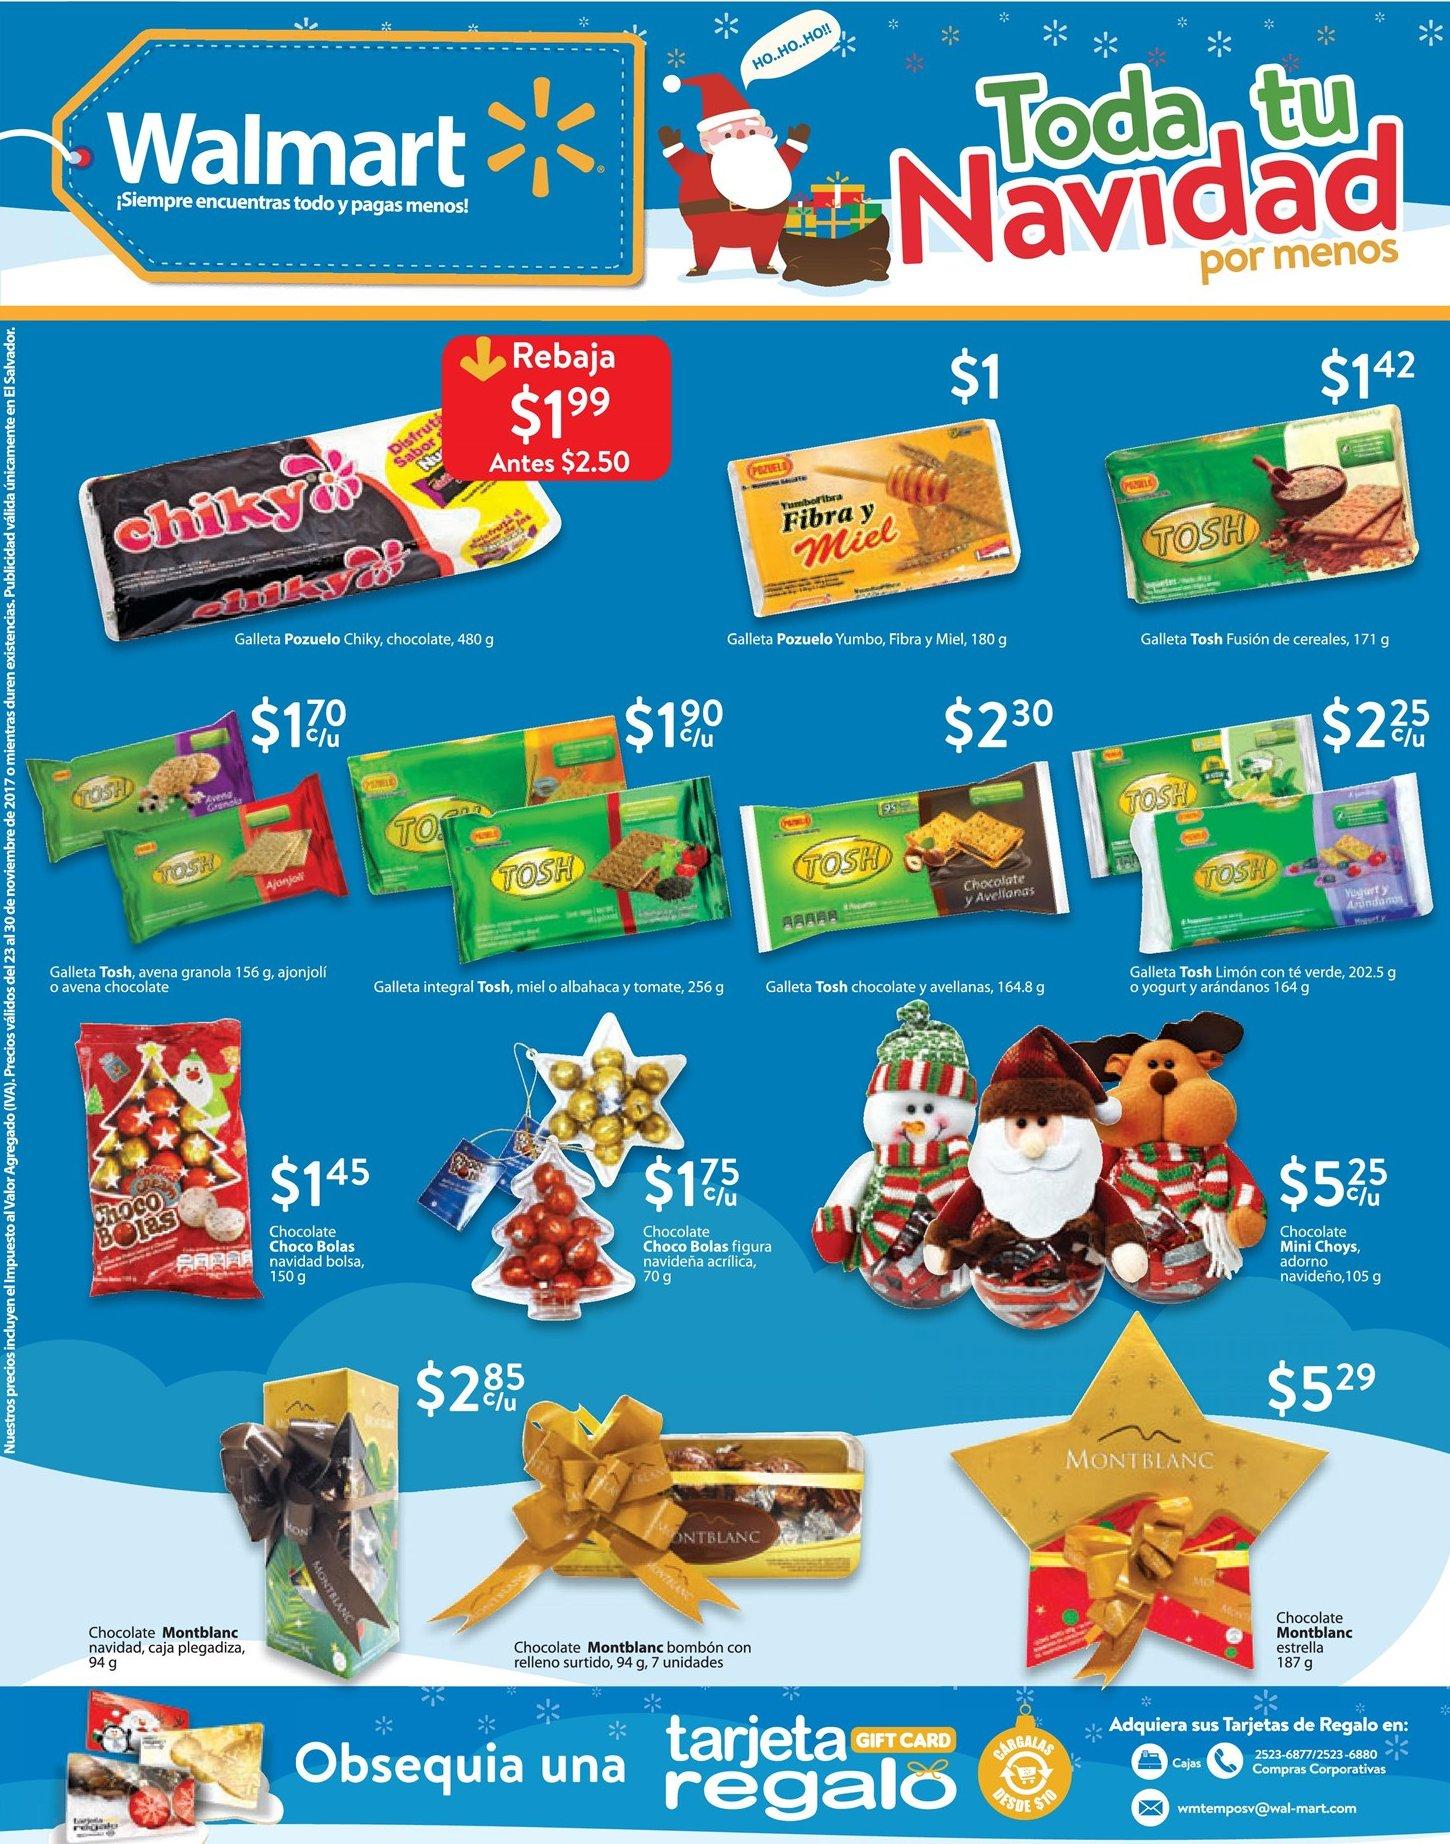 La galletilla navideña con ofertas en tiendas walmart - 23nov17